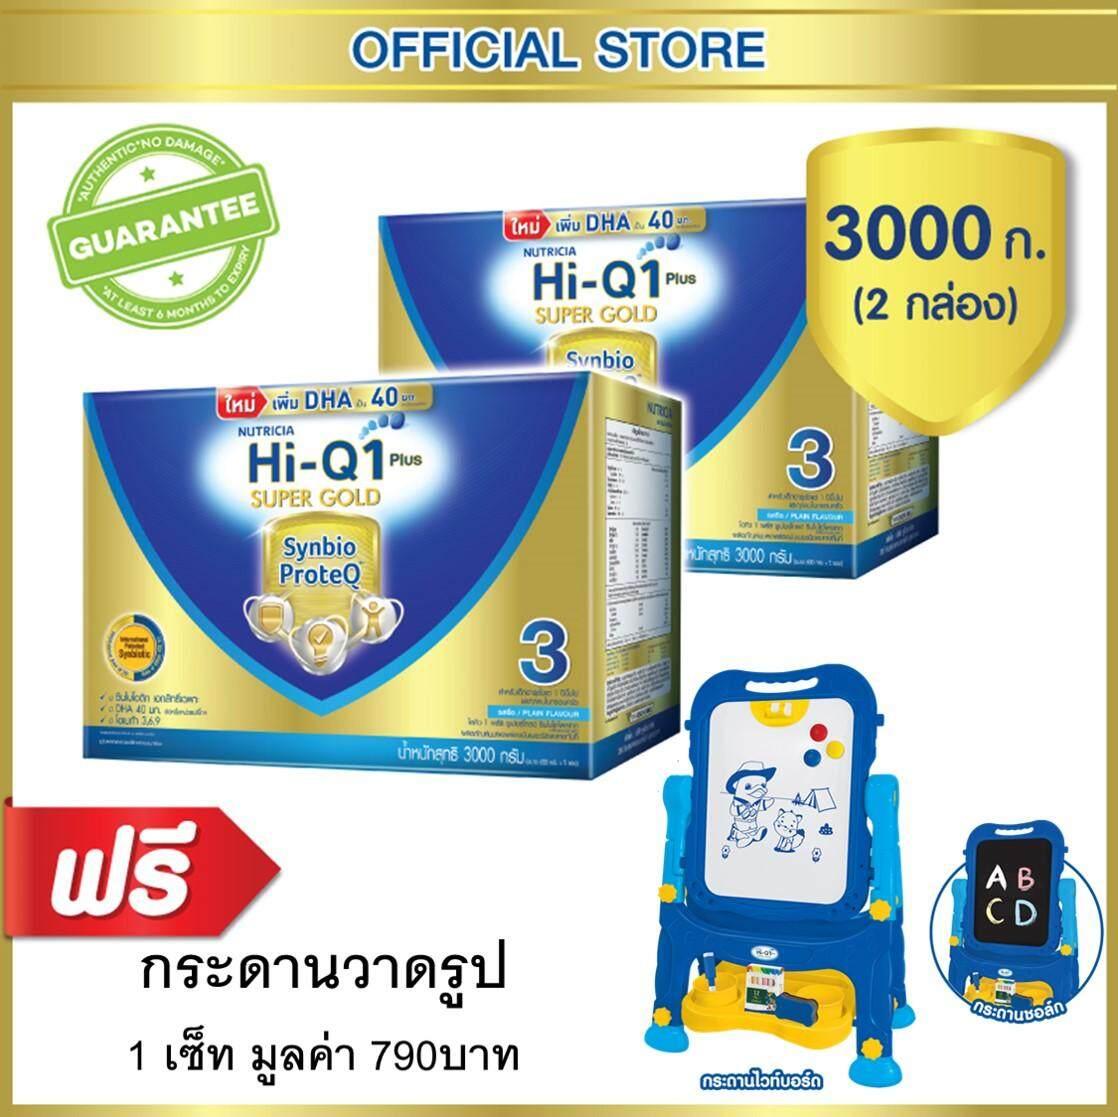 Hi-Q นมผง Hi-Q Supergold ไฮคิว 1 พลัส ซูเปอร์โกลด์ ซินไบโอโพรเทก รสจืด 3000 กรัม (2 กล่อง) แถมฟรี! กระดานวาดรูป 1 เซ็ท (ช่วงวัยที่ 3) By Lazada Retail Hiq.